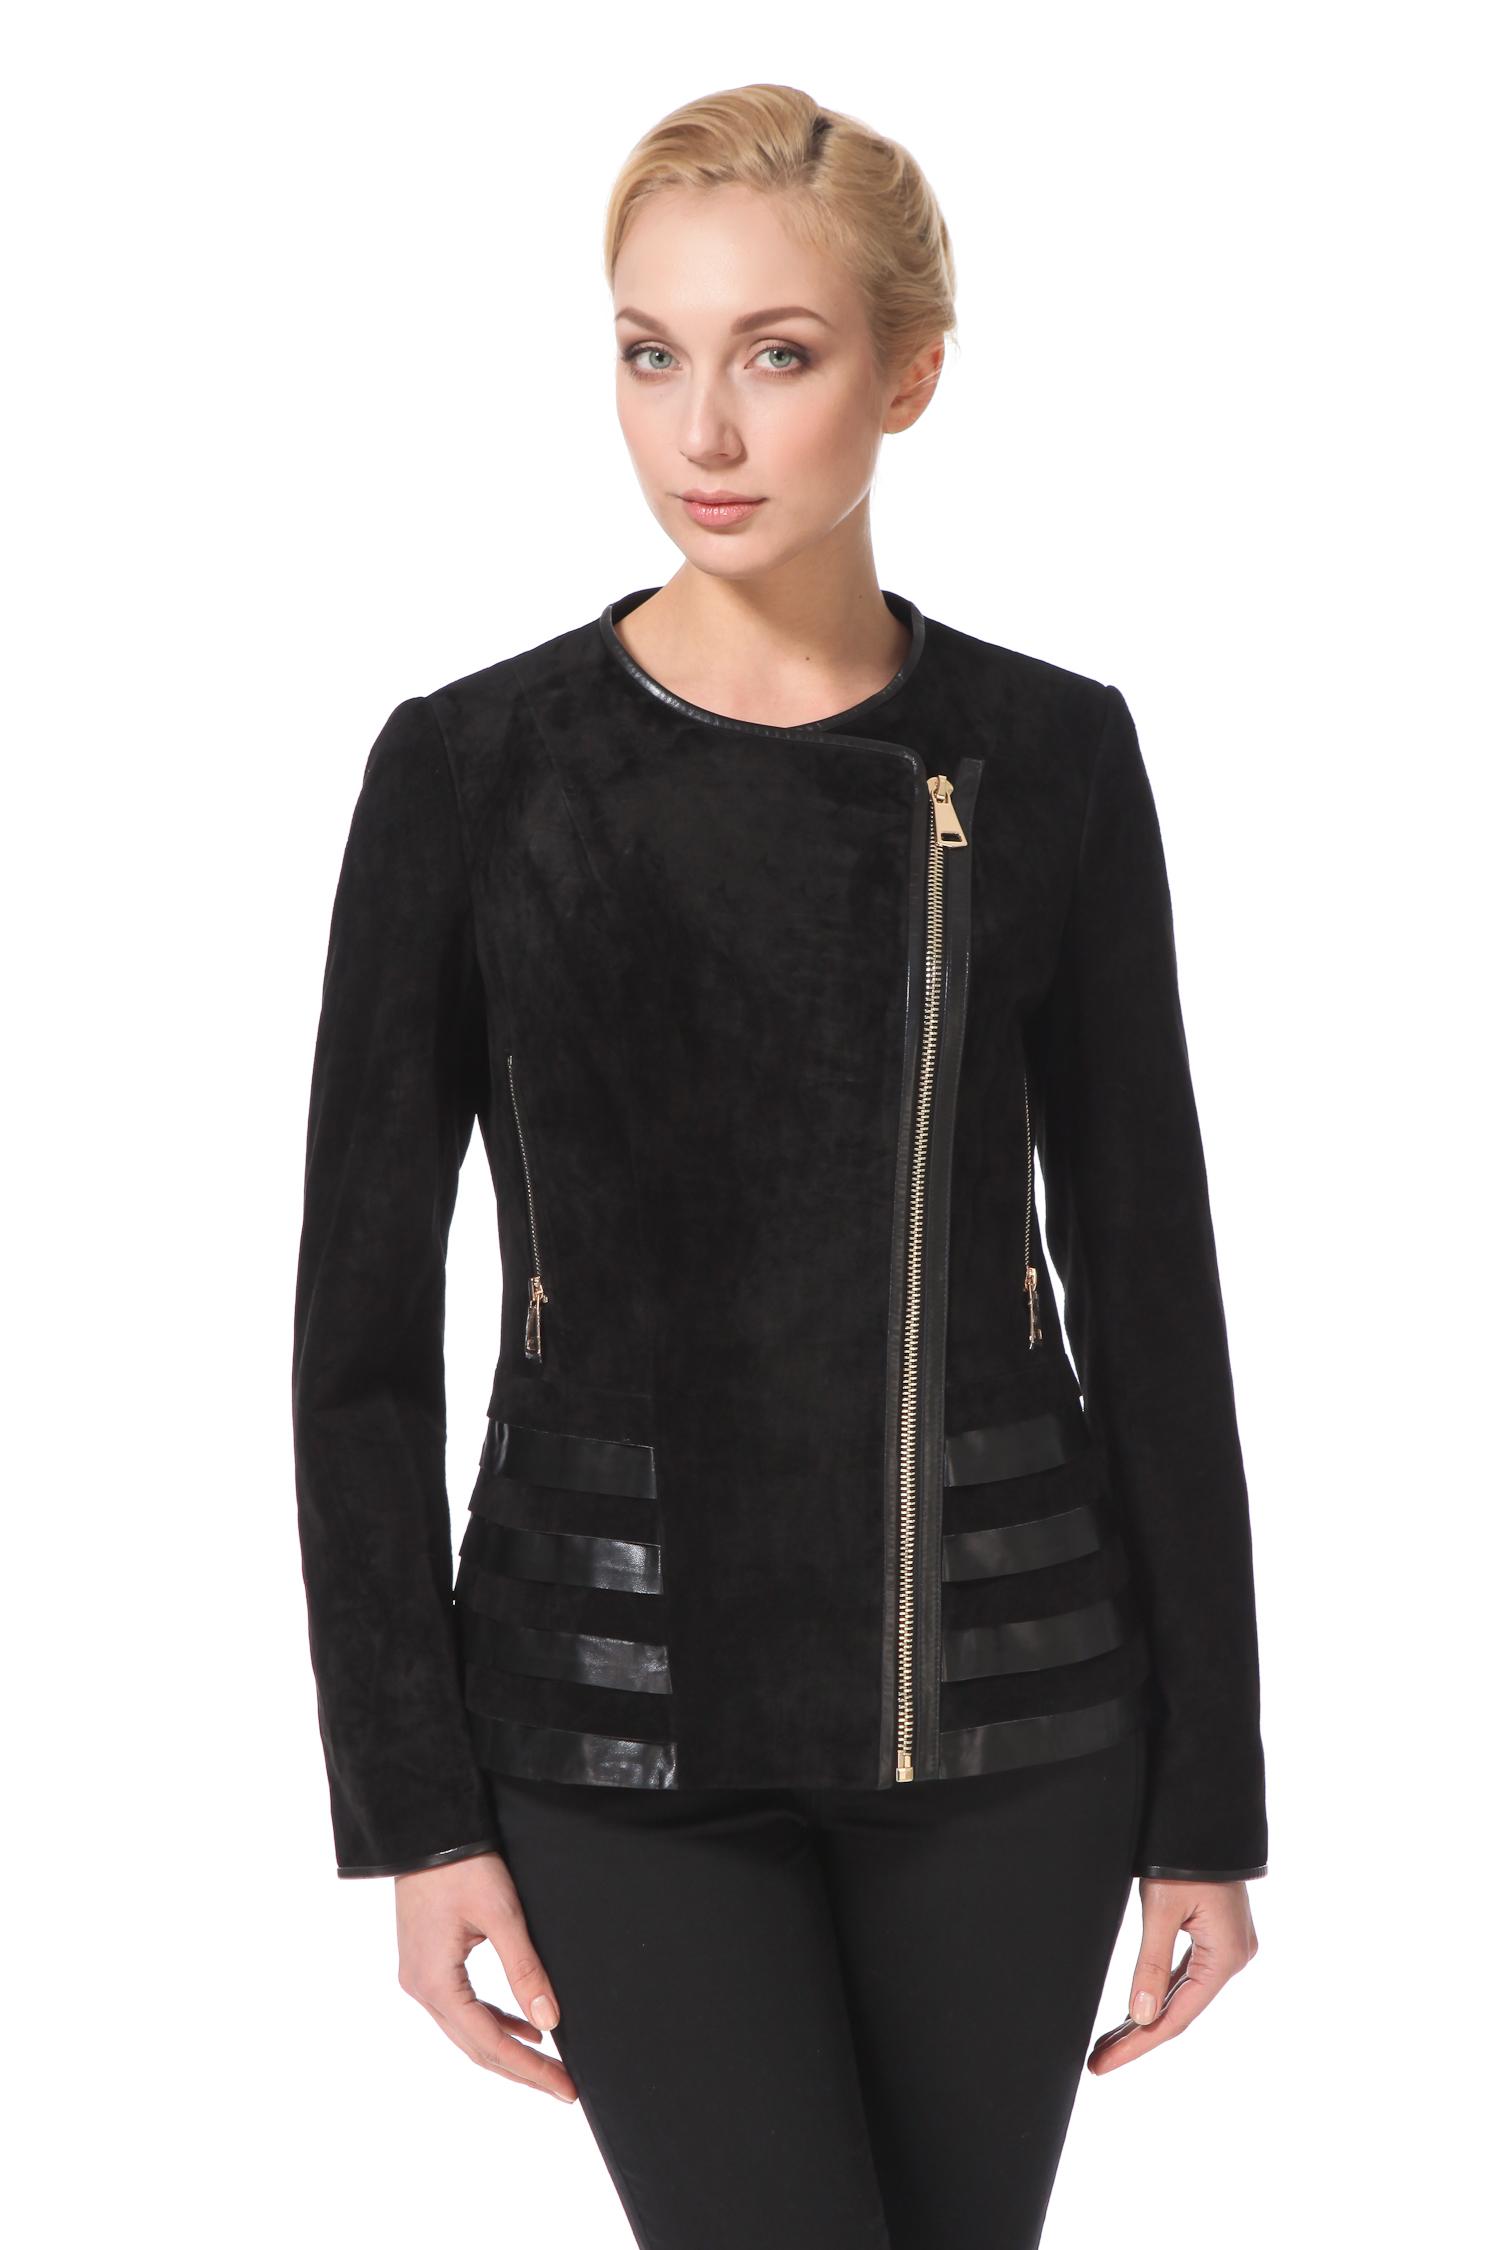 Женская кожаная куртка из натуральной замши, без отделки<br><br>Длина см: Короткая (51-74 )<br>Материал: Замша<br>Цвет: черный<br>Застежка: на молнии<br>Пол: Женский<br>Размер RU: 52